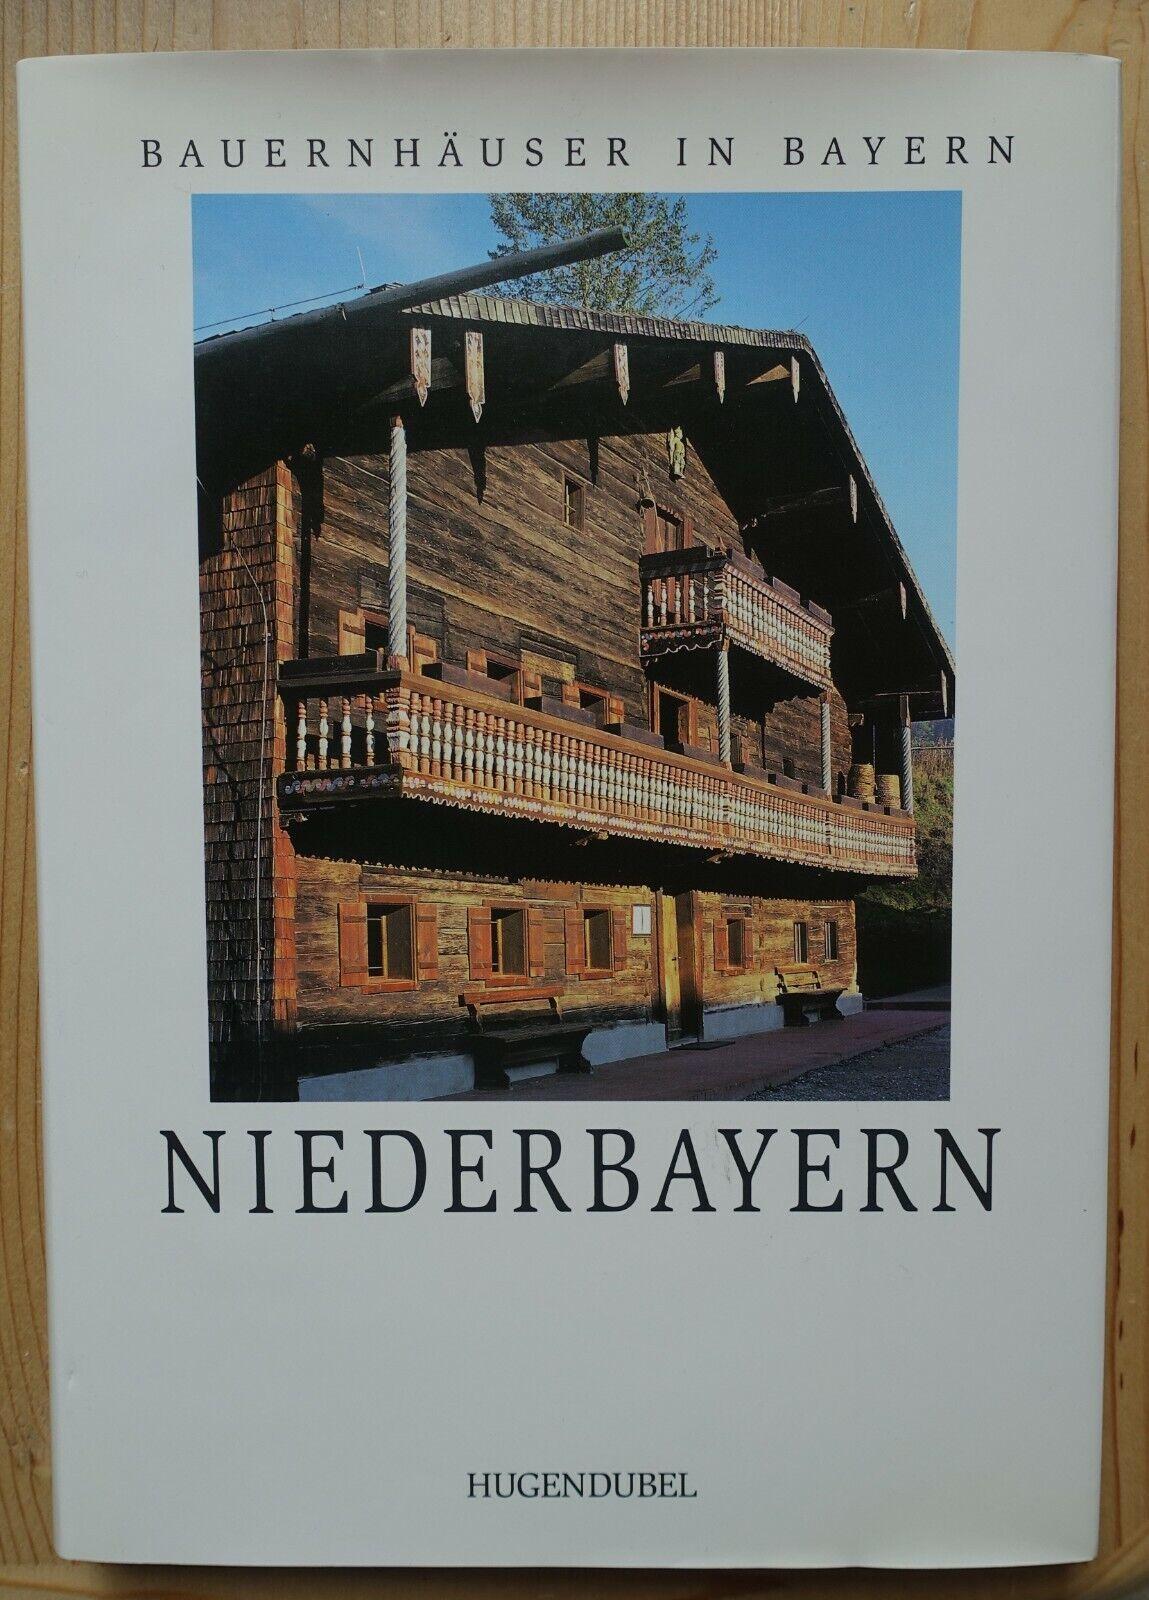 Ga Bauernhauser In Bayern Niederbayern Band 5 Gunstig Kaufen Ebay